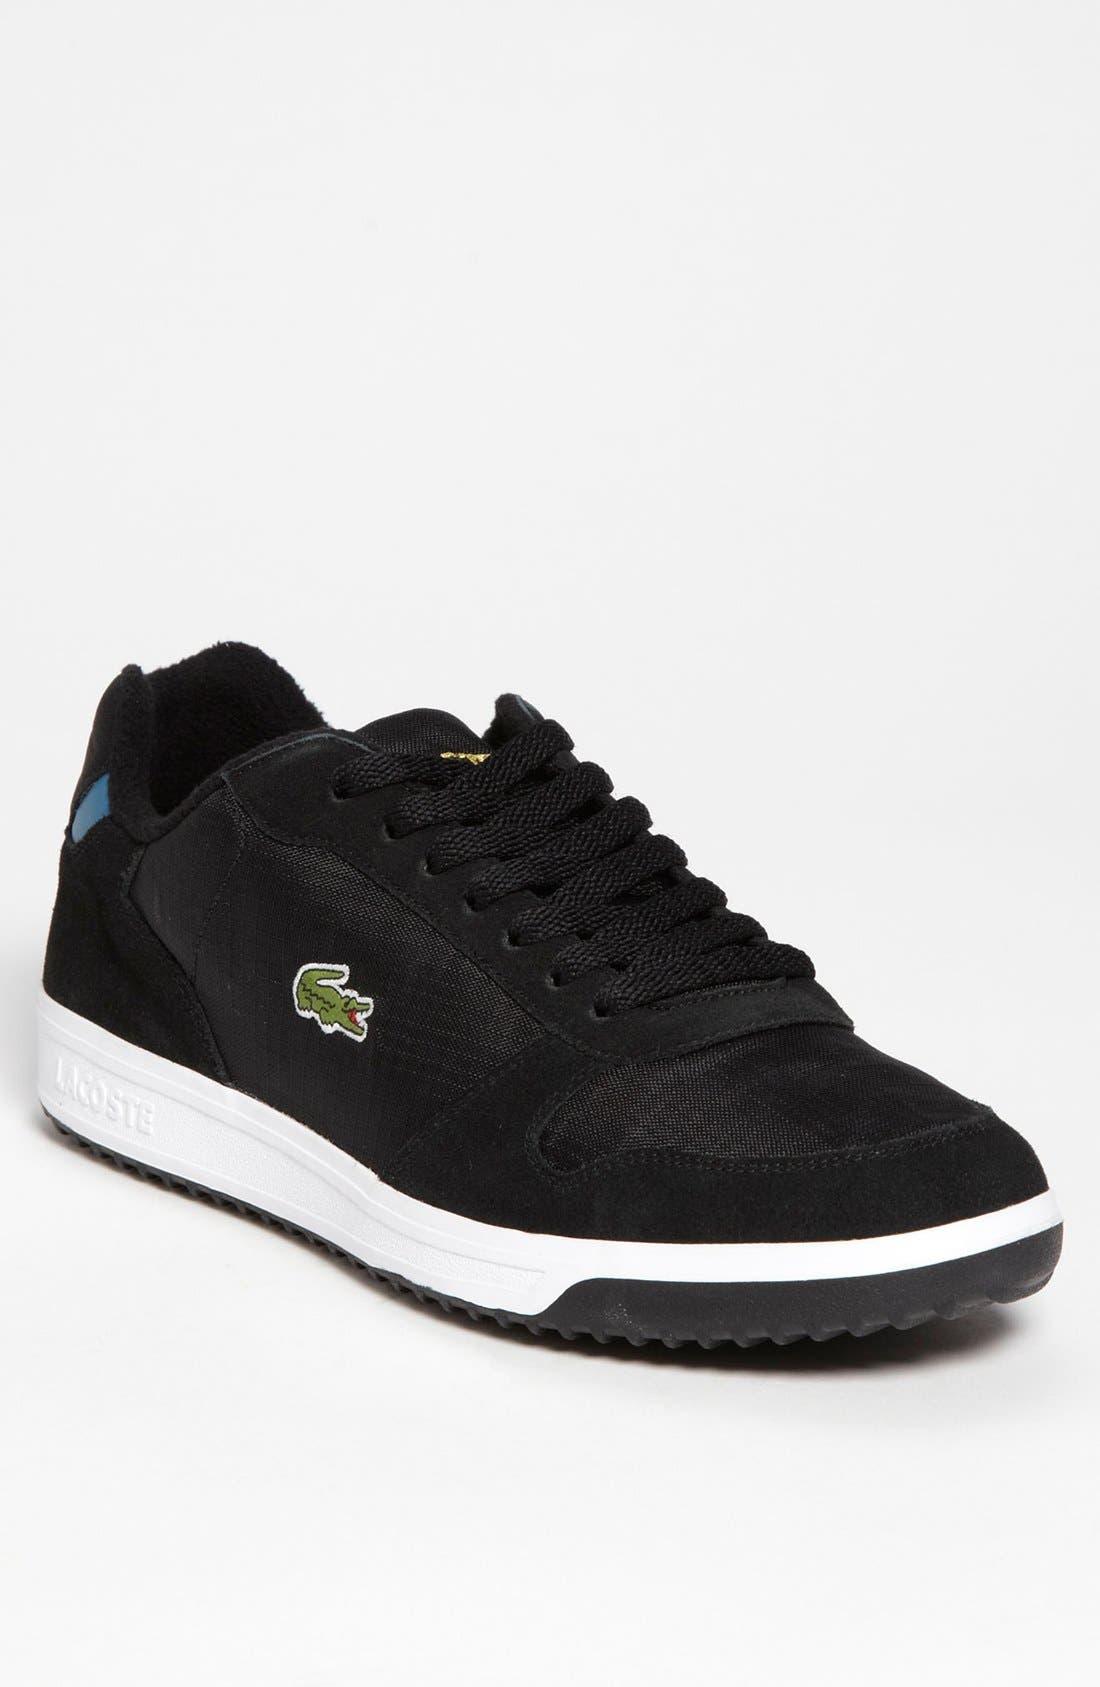 Main Image - Lacoste 'Jenson' Sneaker